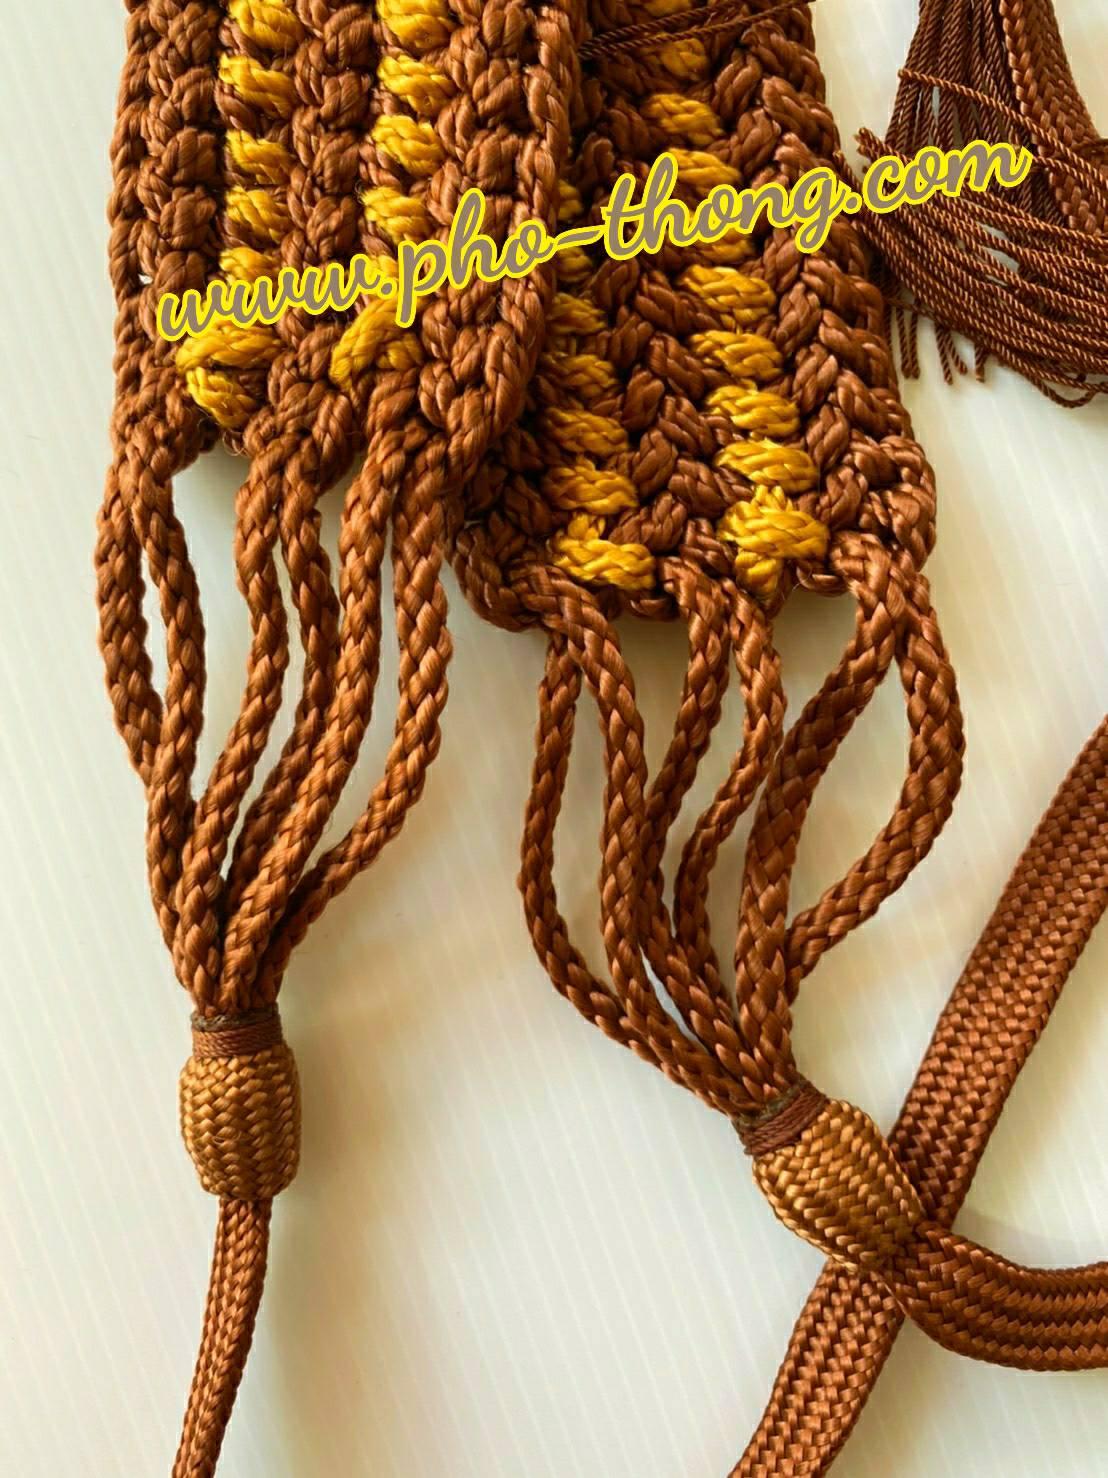 รัตประคด ถักเชือกเปีย-ลายพญานาคราช  (งานถักมือ)